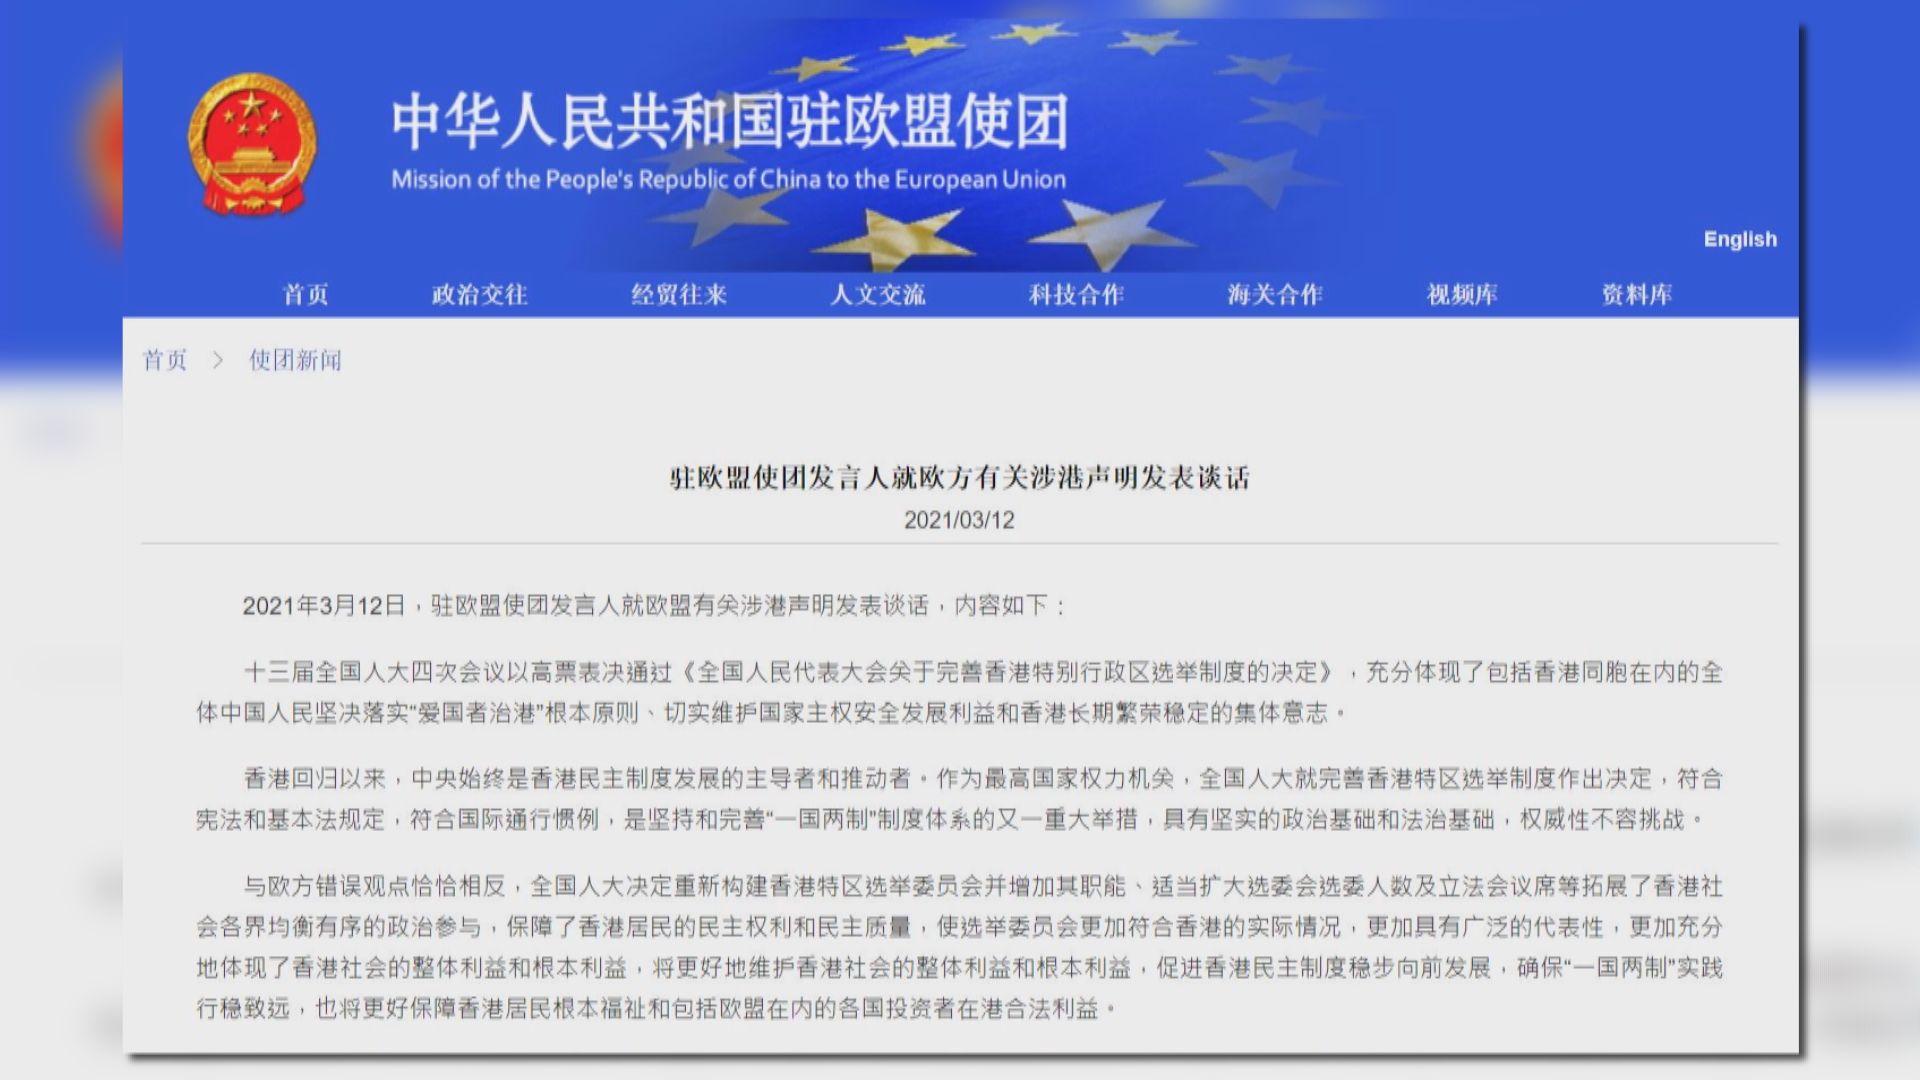 中方反駁歐盟涉港聲明 指全國人大決定權威性不容挑戰